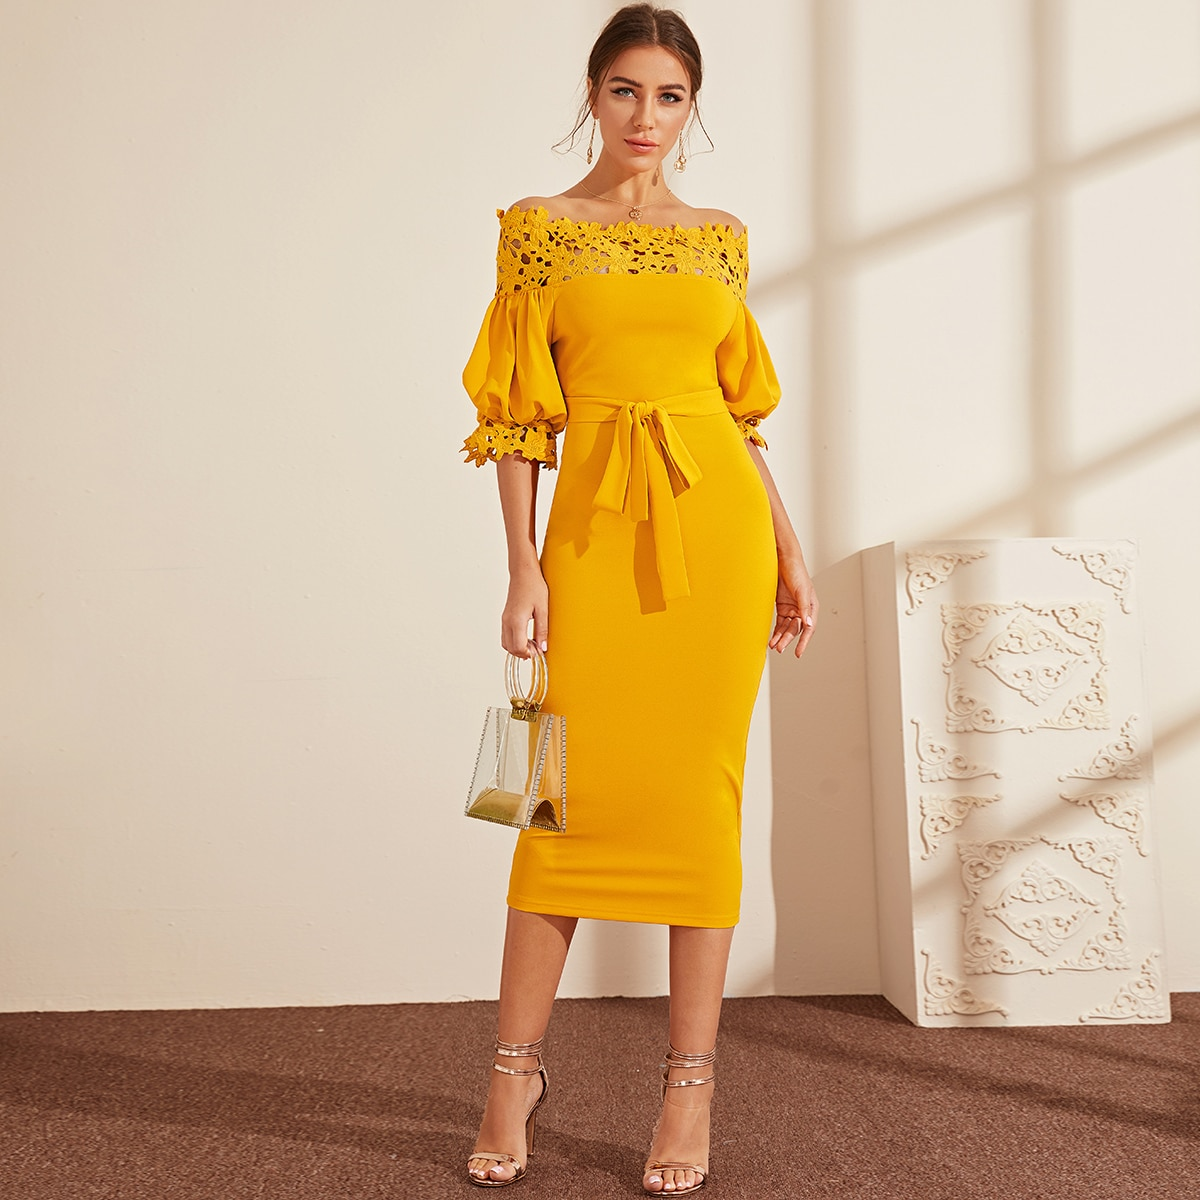 Платье-карандаш с поясом, оригинальным рукавом и кружевом